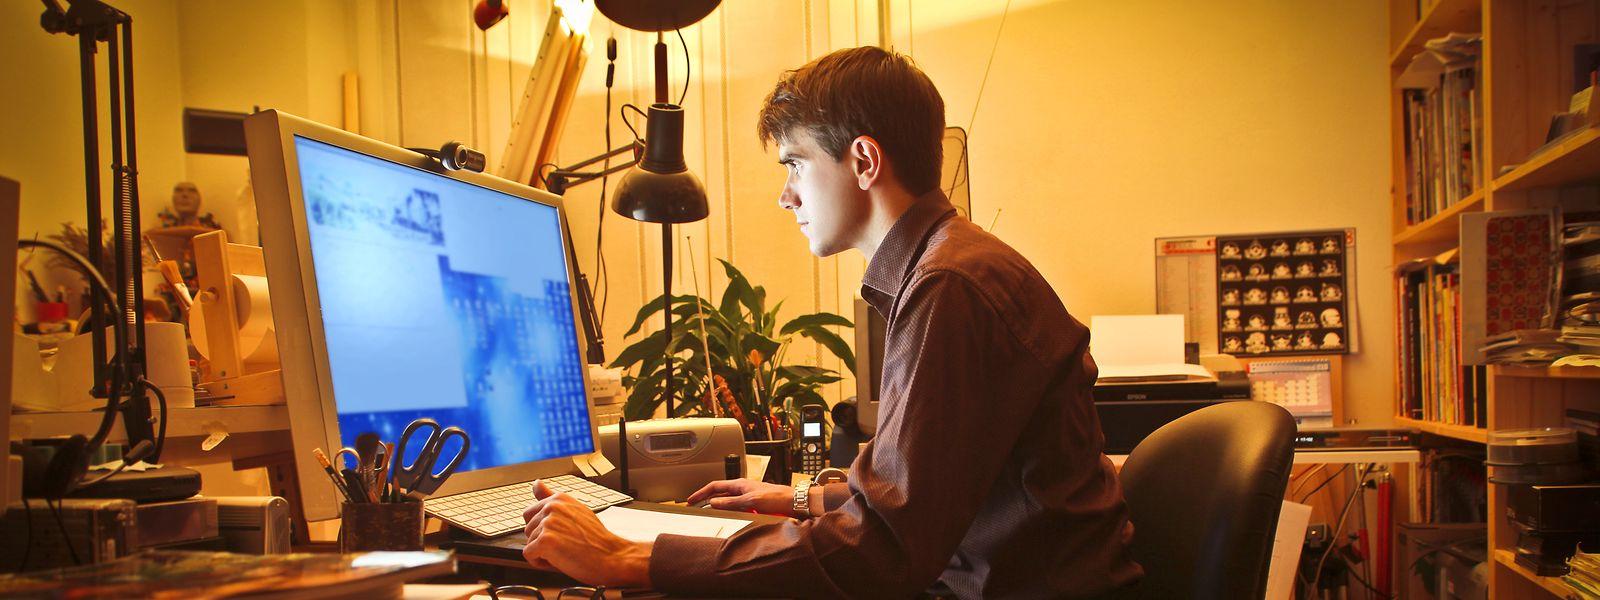 Fin novembre, l'ADEM offrait encore 6.567 offres d'emploi non pourvues.